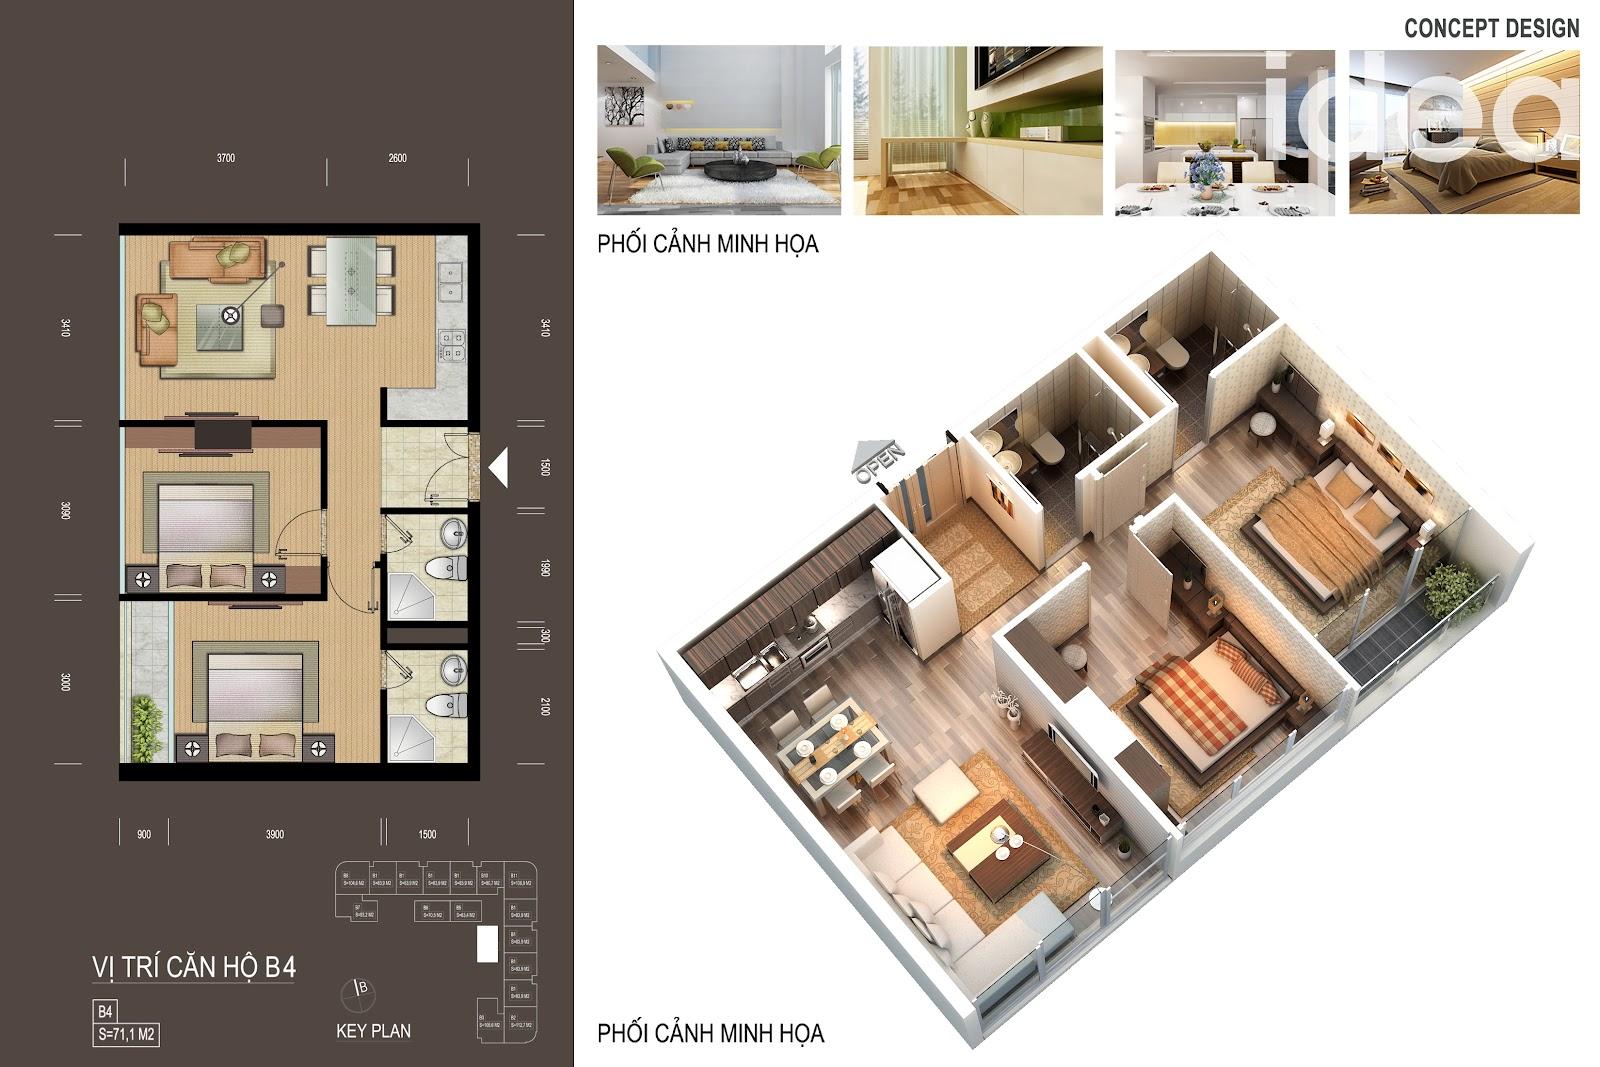 thiết kế chi tiết căn hộ 7